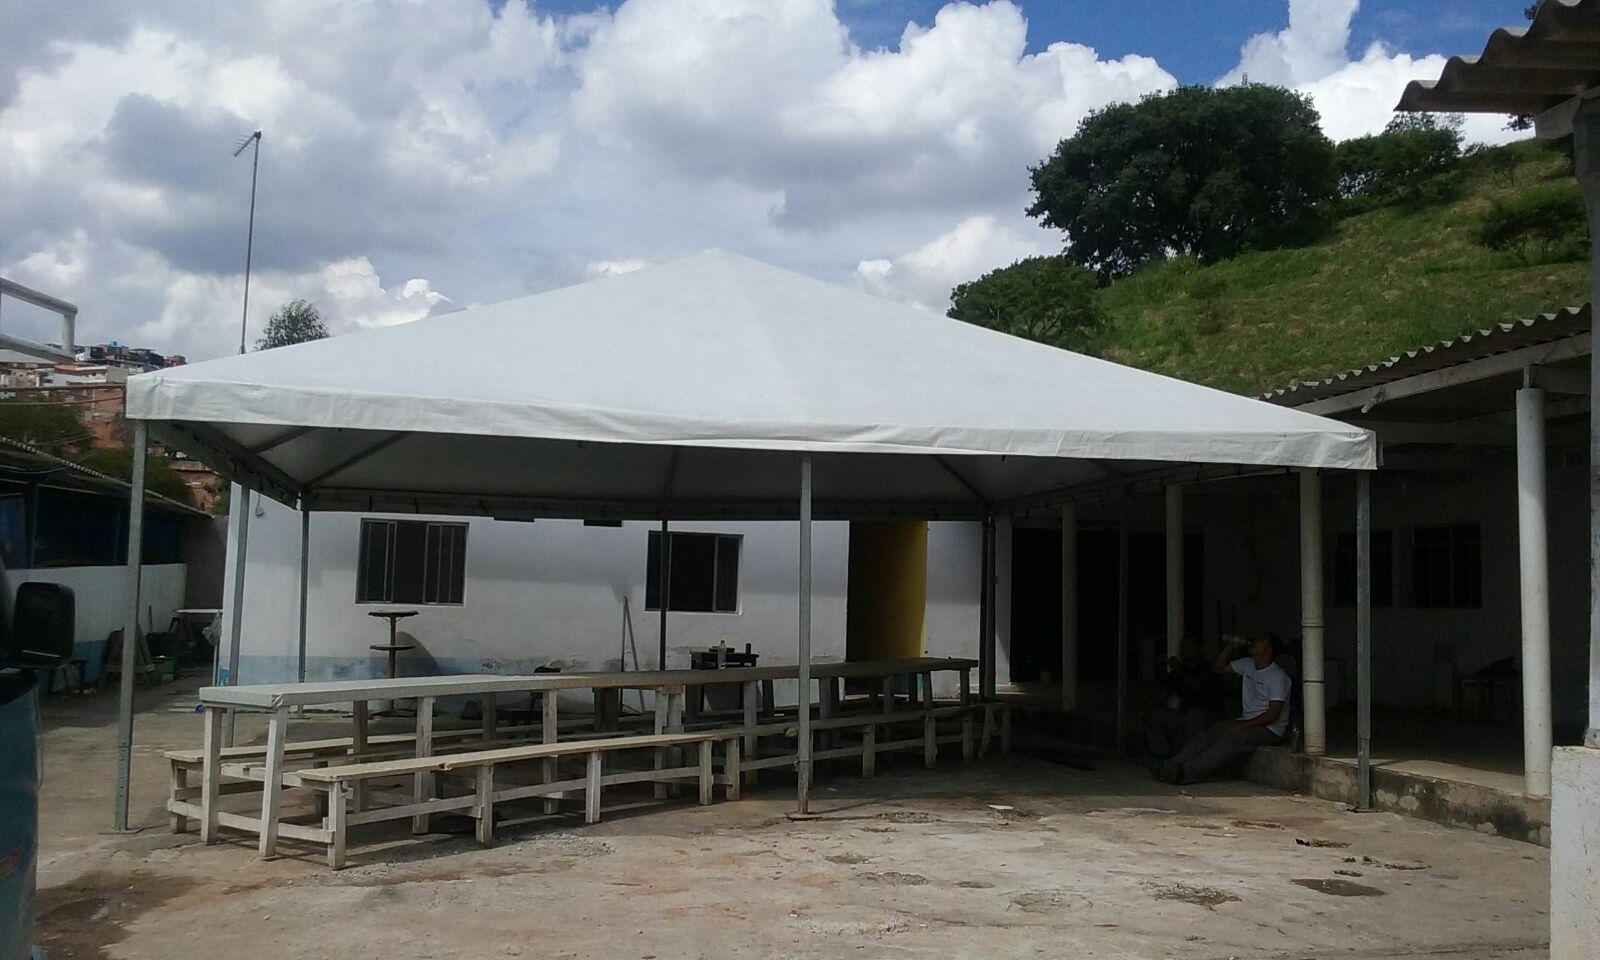 Tenda Piramidal para Comprar Serviços em Carapicuíba - Locação de Tenda Piramidal